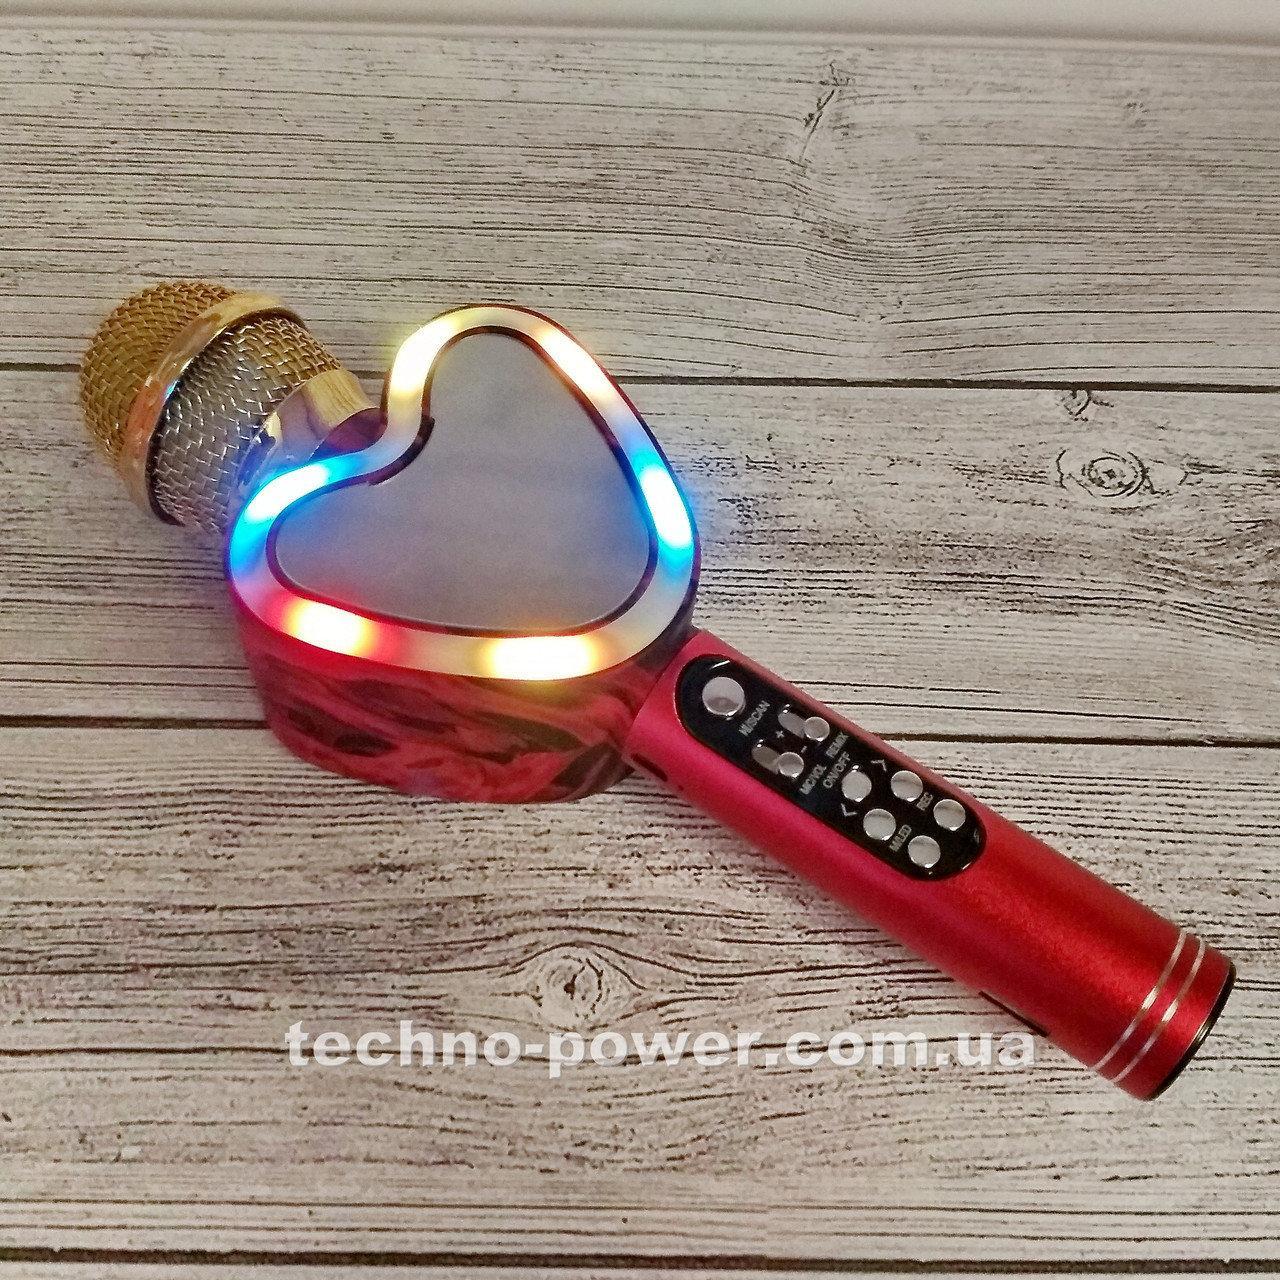 Портативный bluetooth караоке-микрофон Q5 Сердце Красный с подсветкой